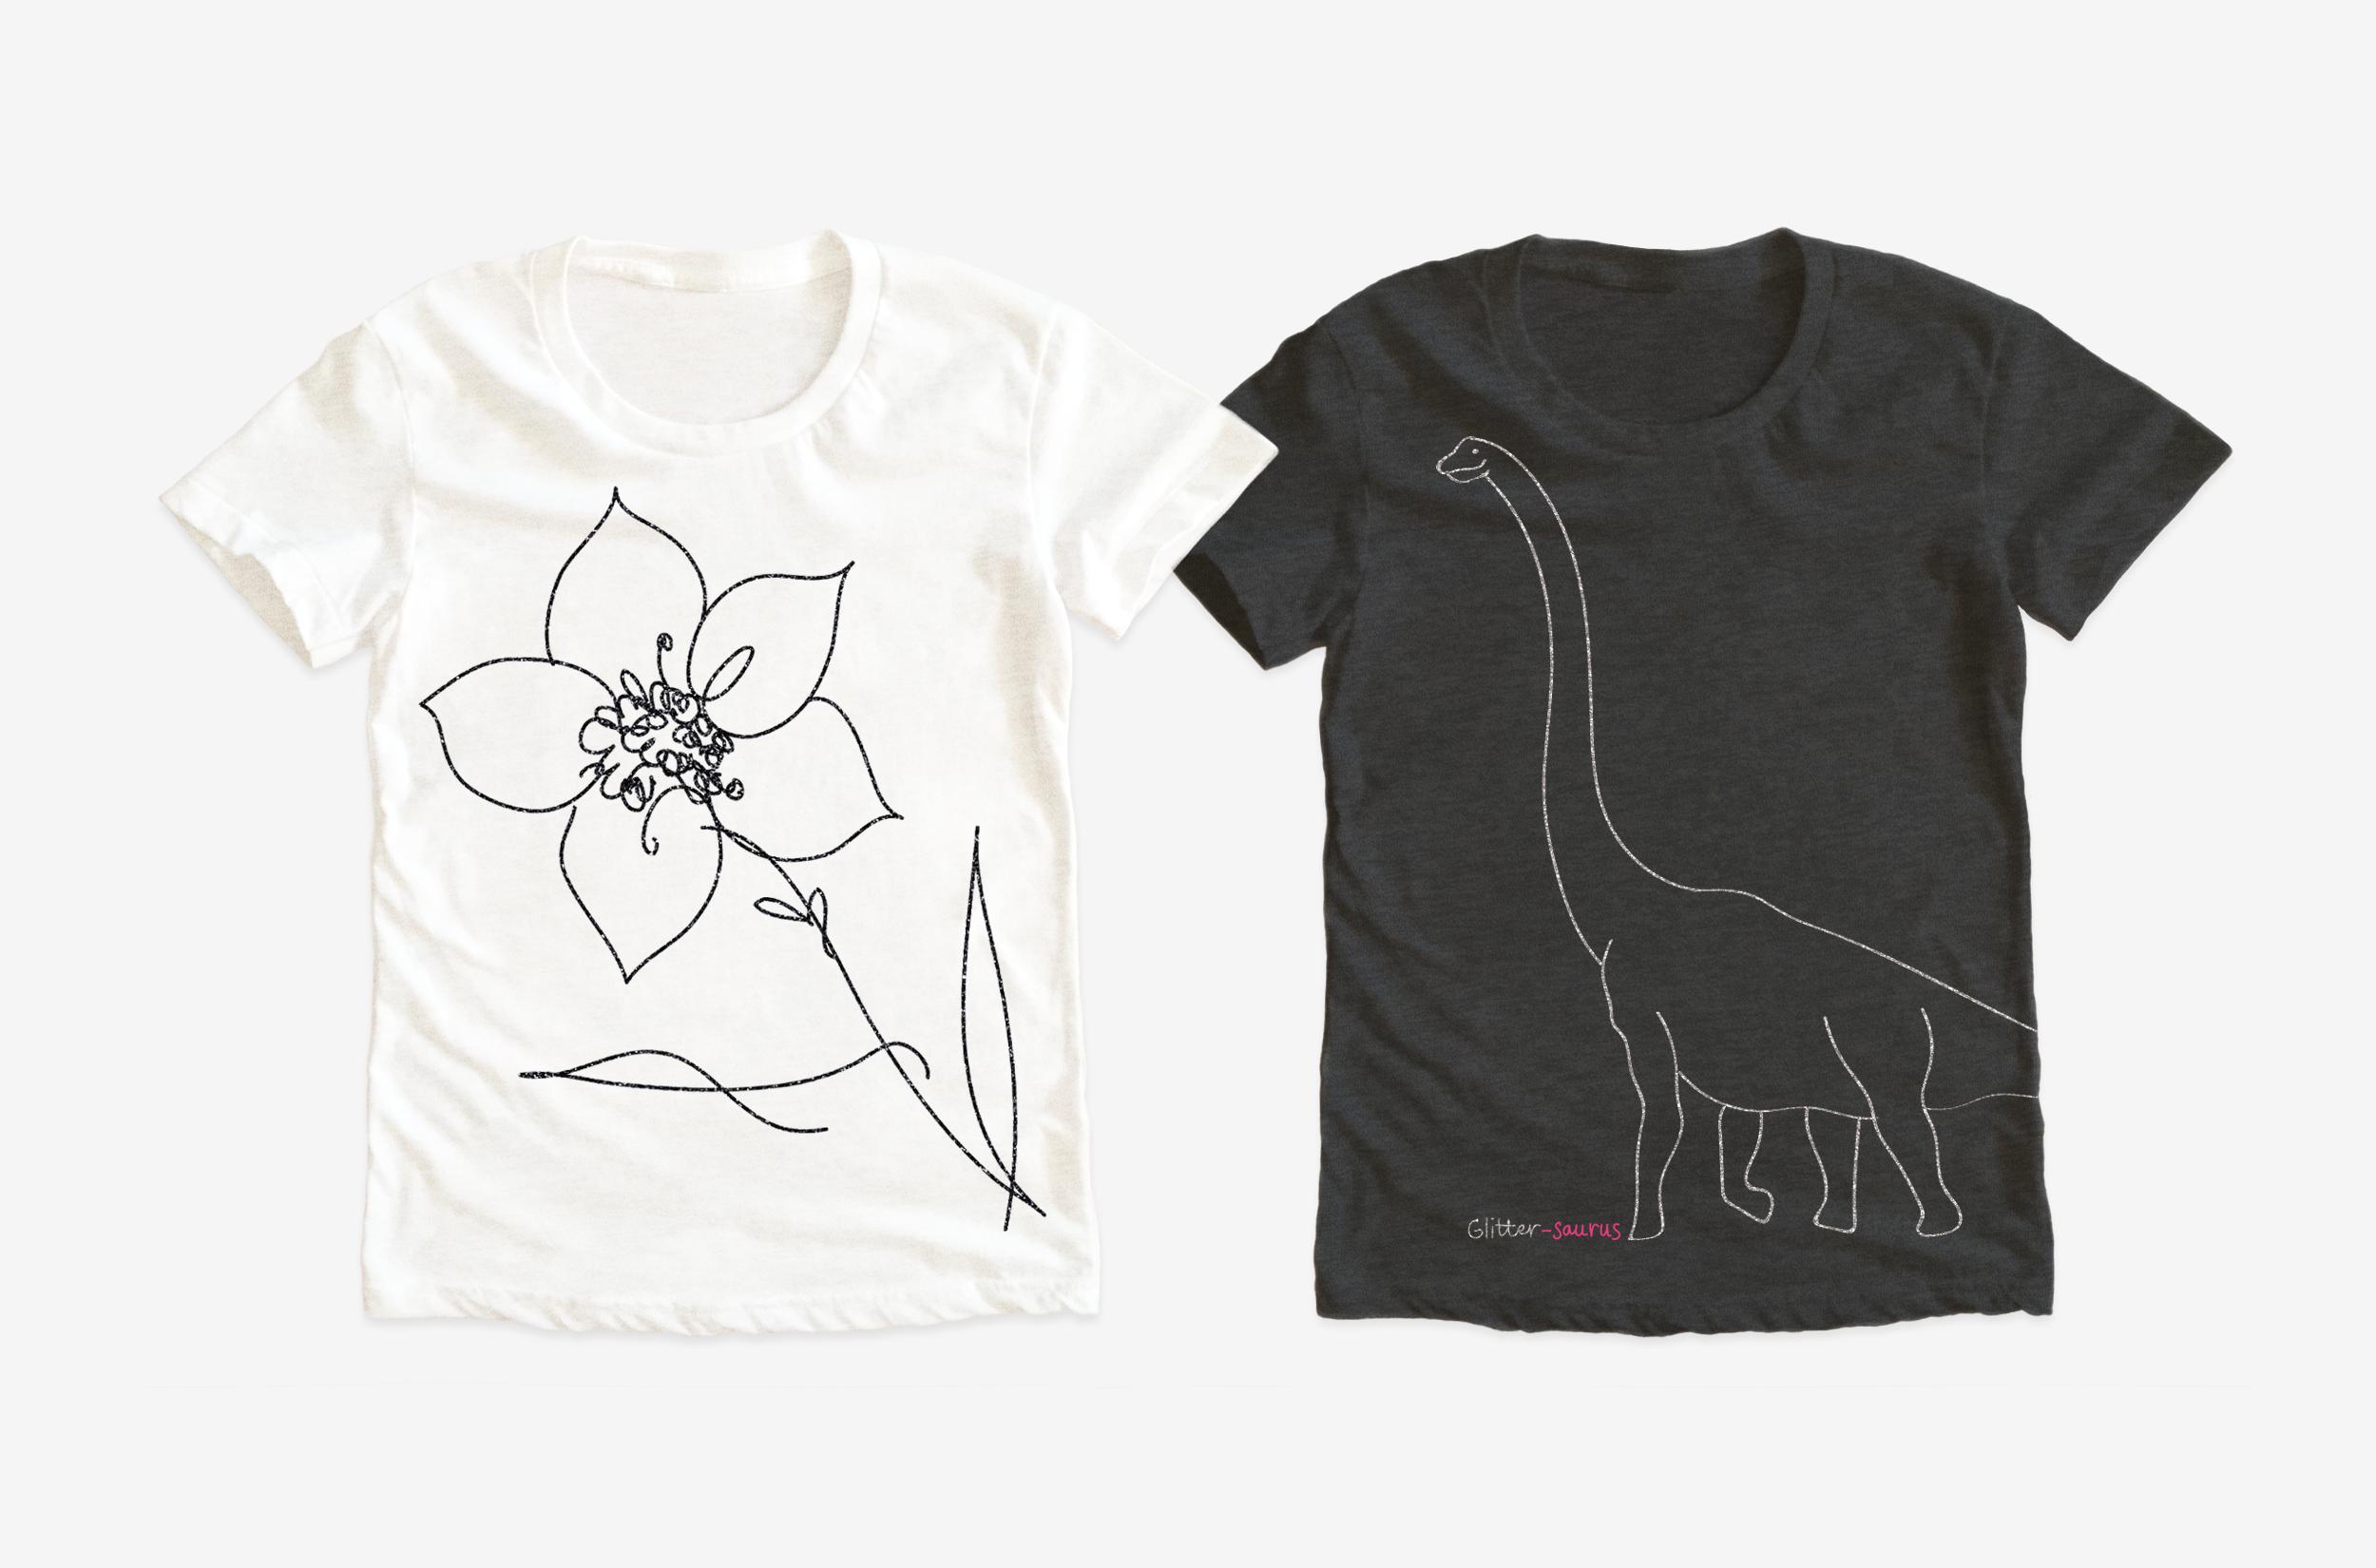 OSHKOSH B'GOSH / Girls t-shirt graphics